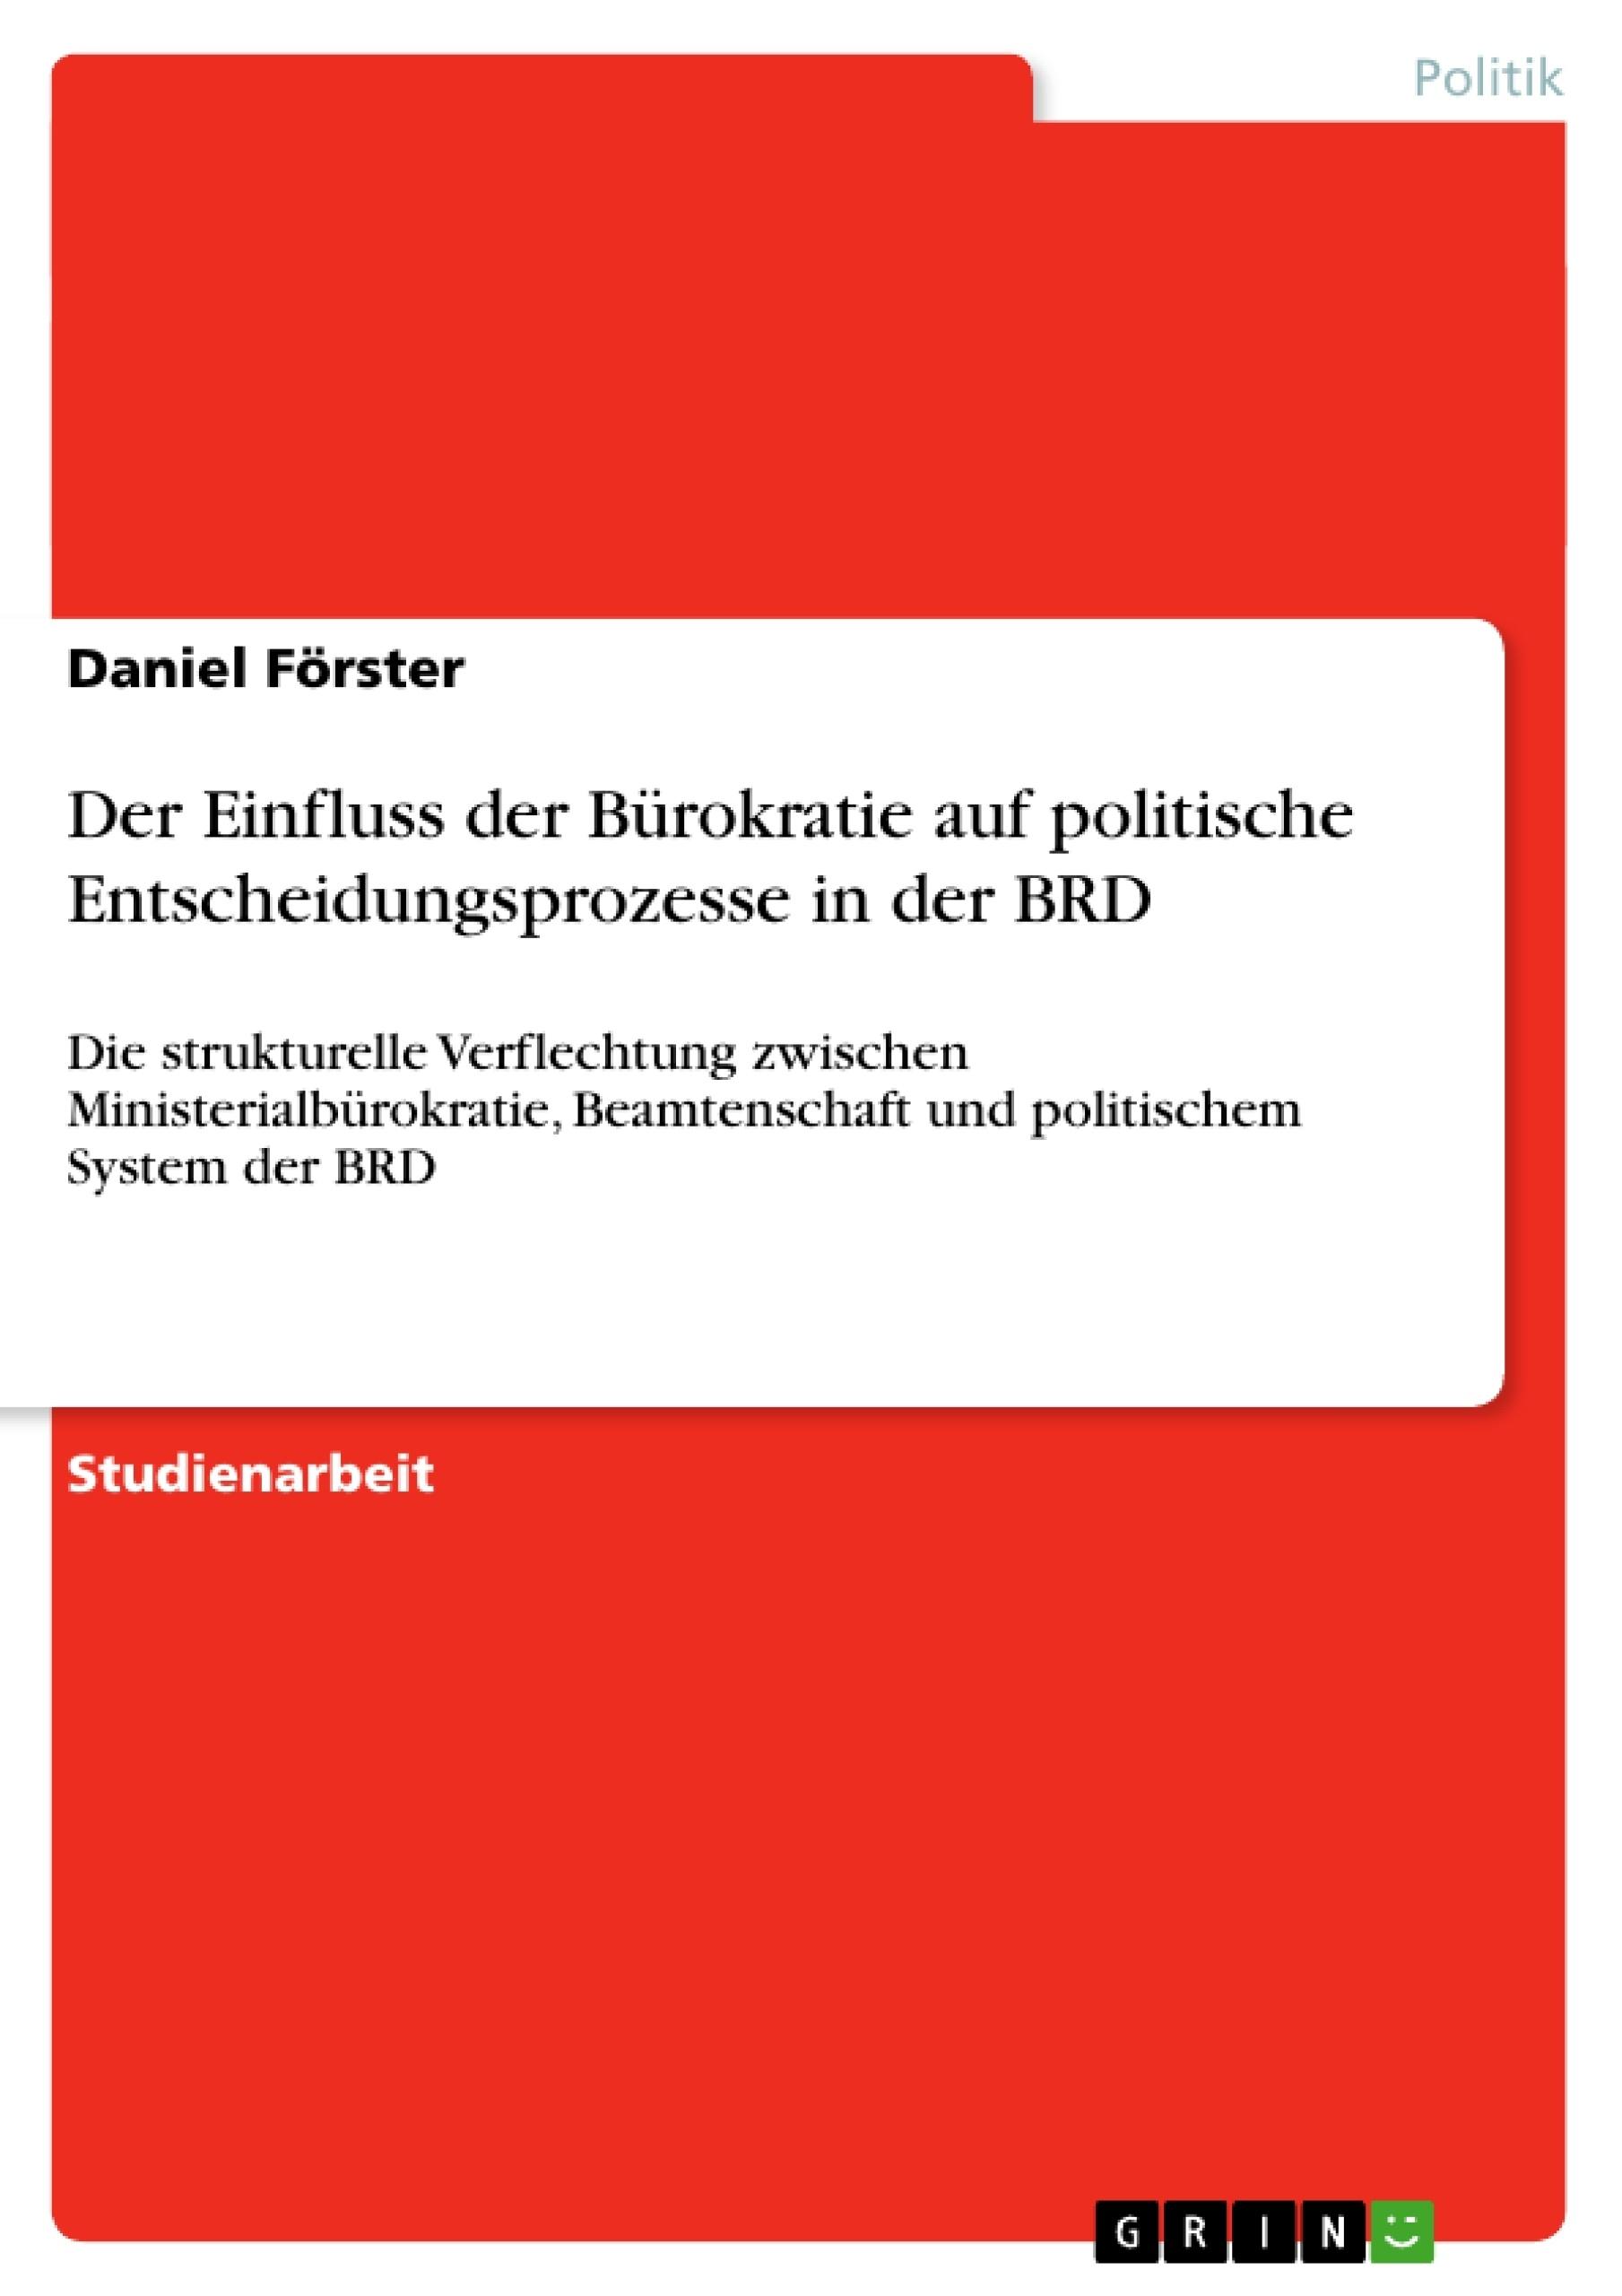 Titel: Der Einfluss der Bürokratie auf politische Entscheidungsprozesse in der BRD